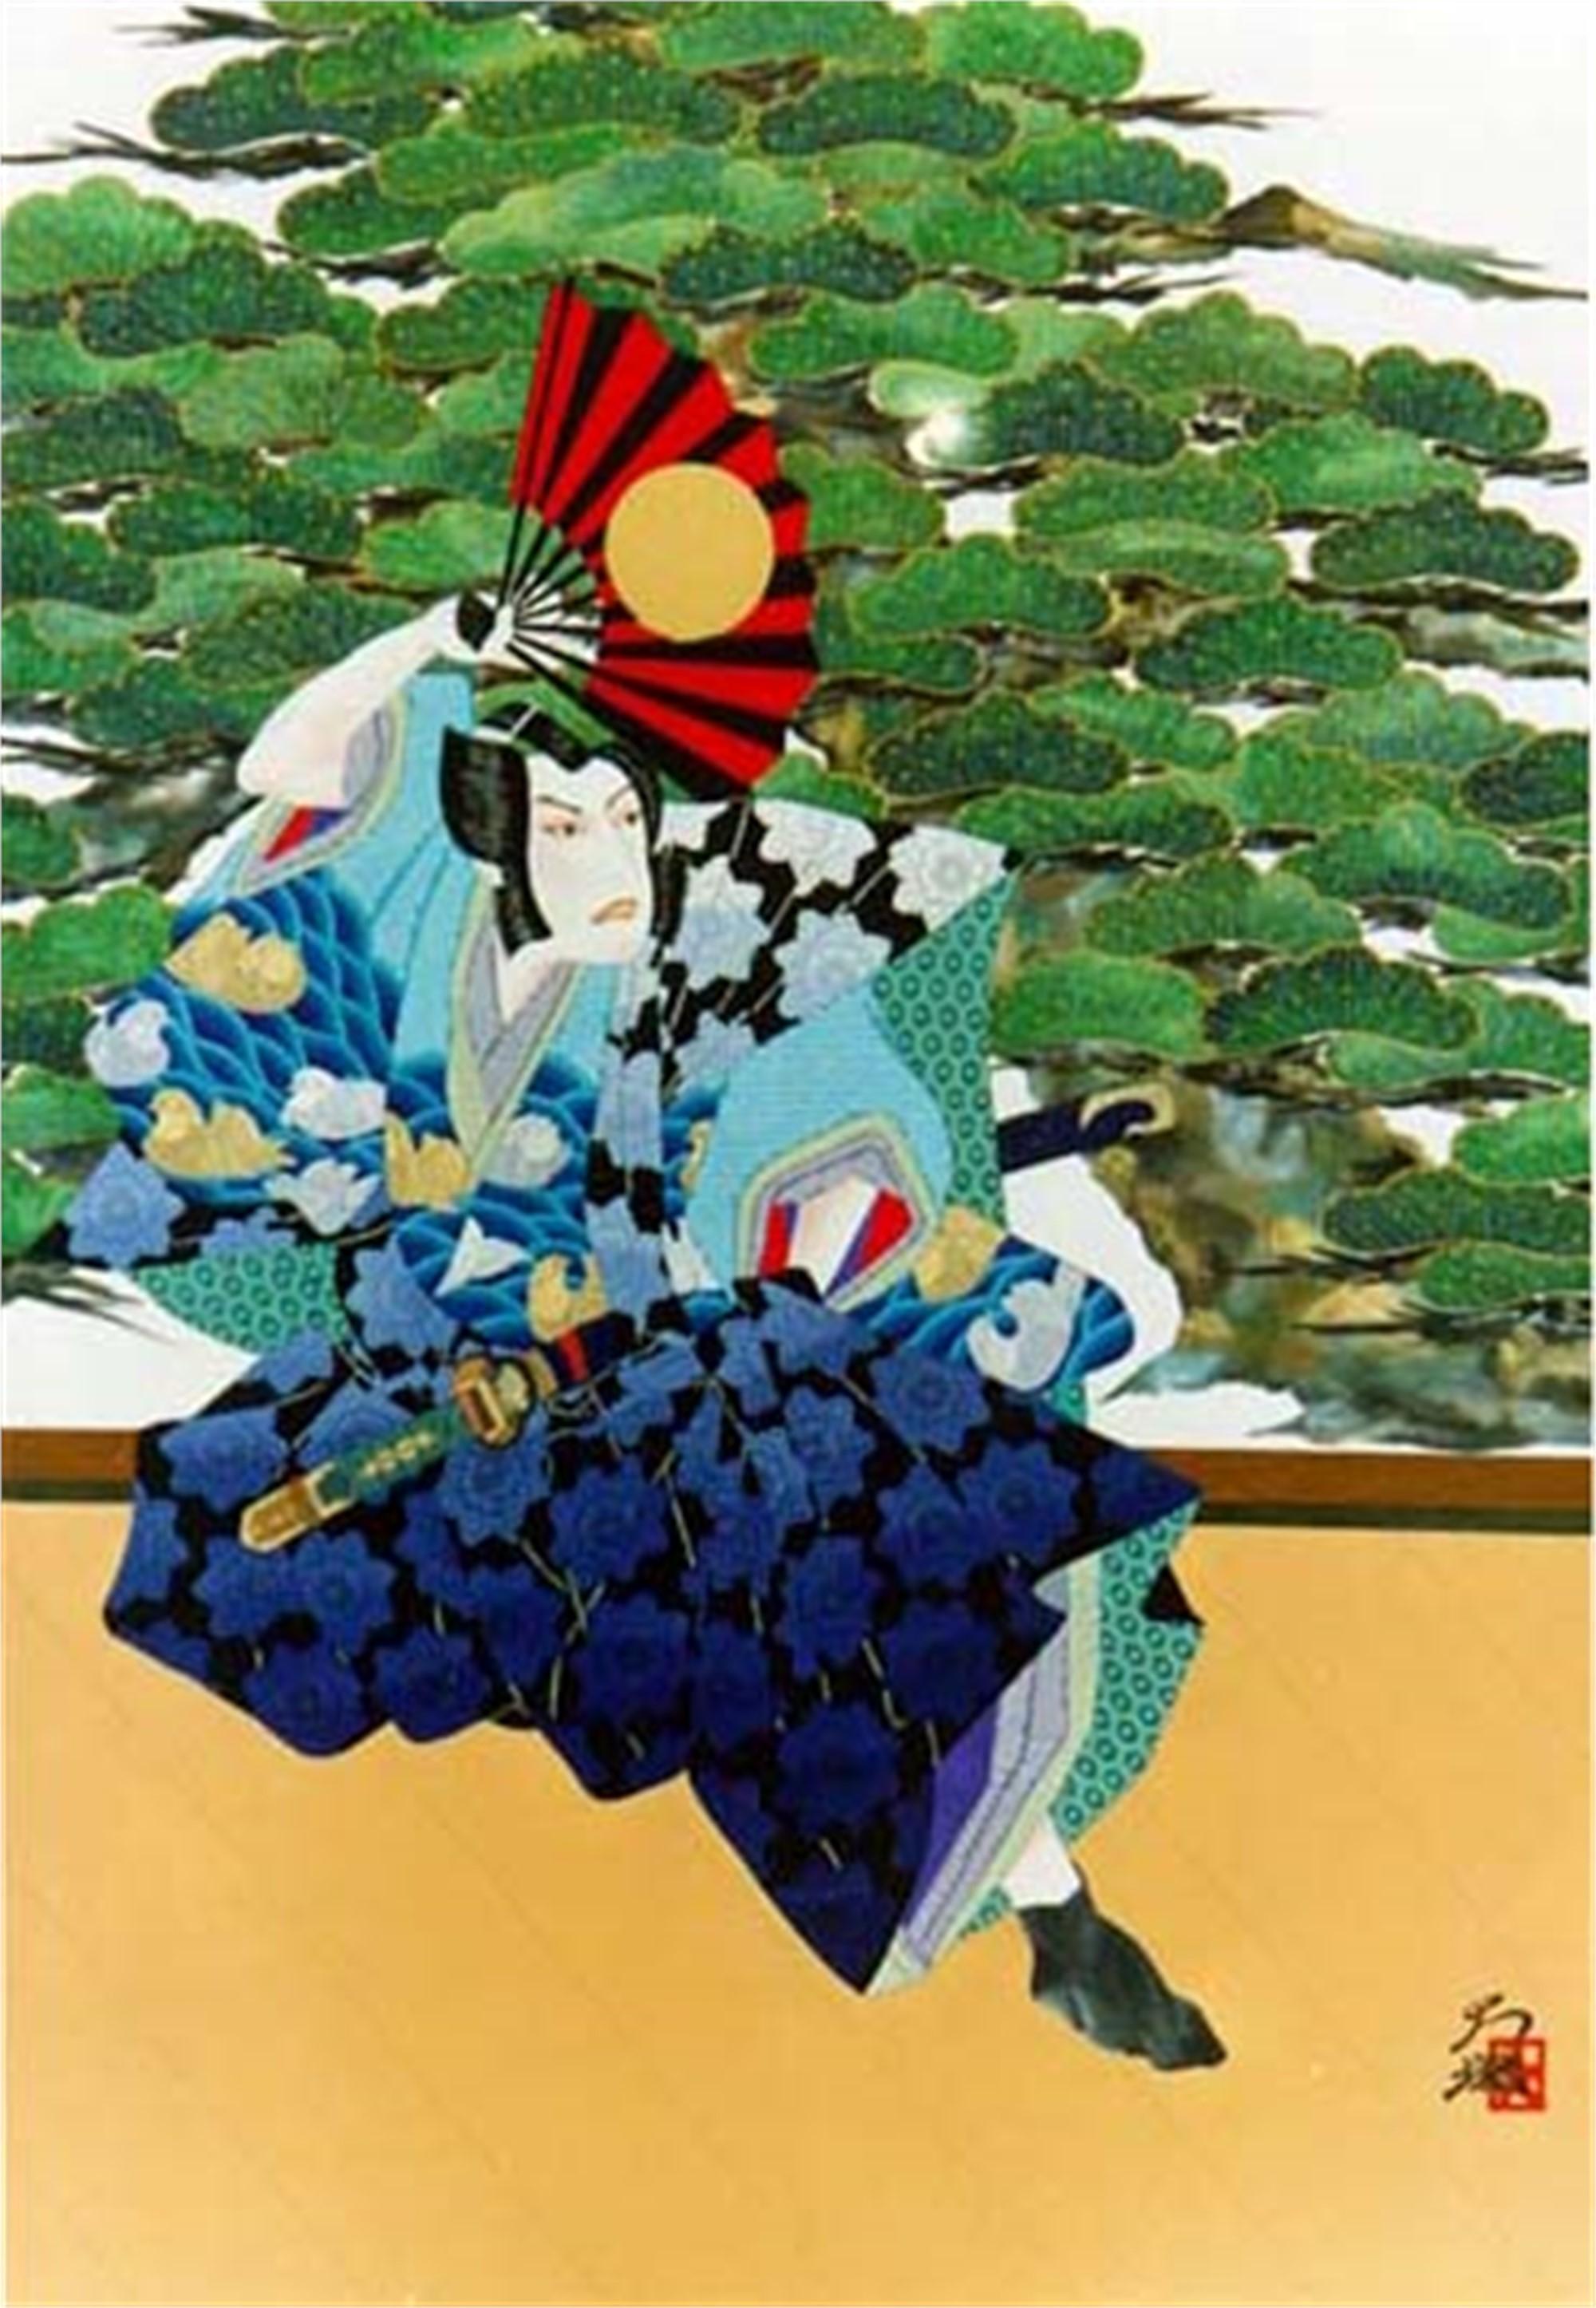 Lord Asano by Hisashi Otsuka